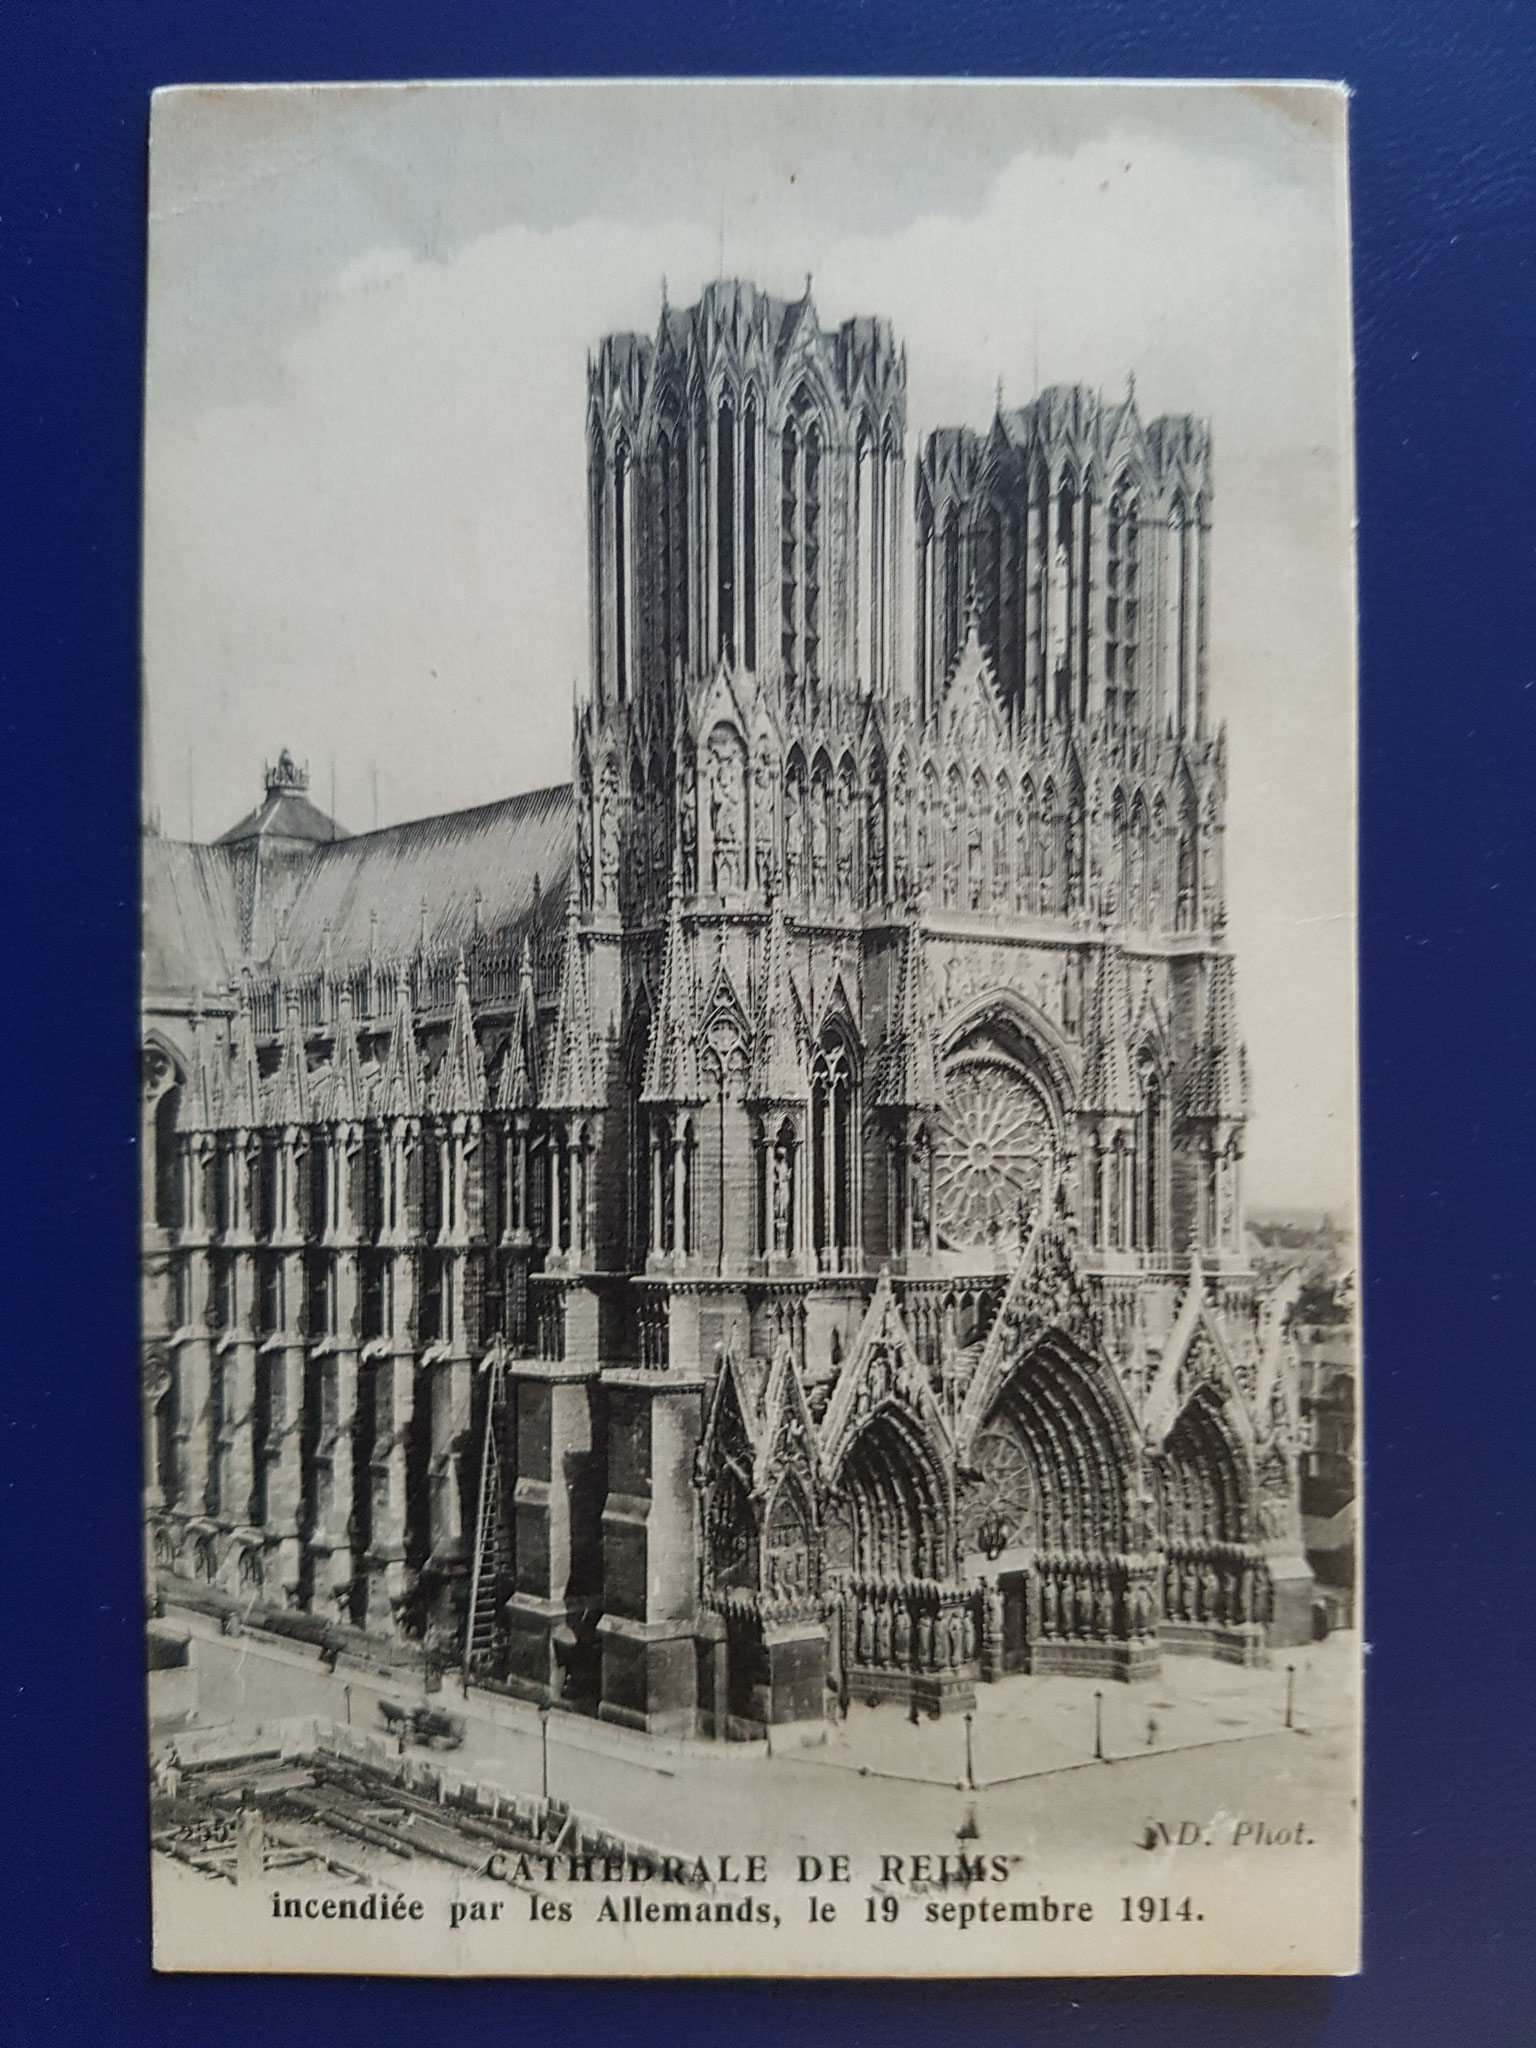 41: Cathedrale de Reims incendiee par les Allemands, le 19 Septembre 1914